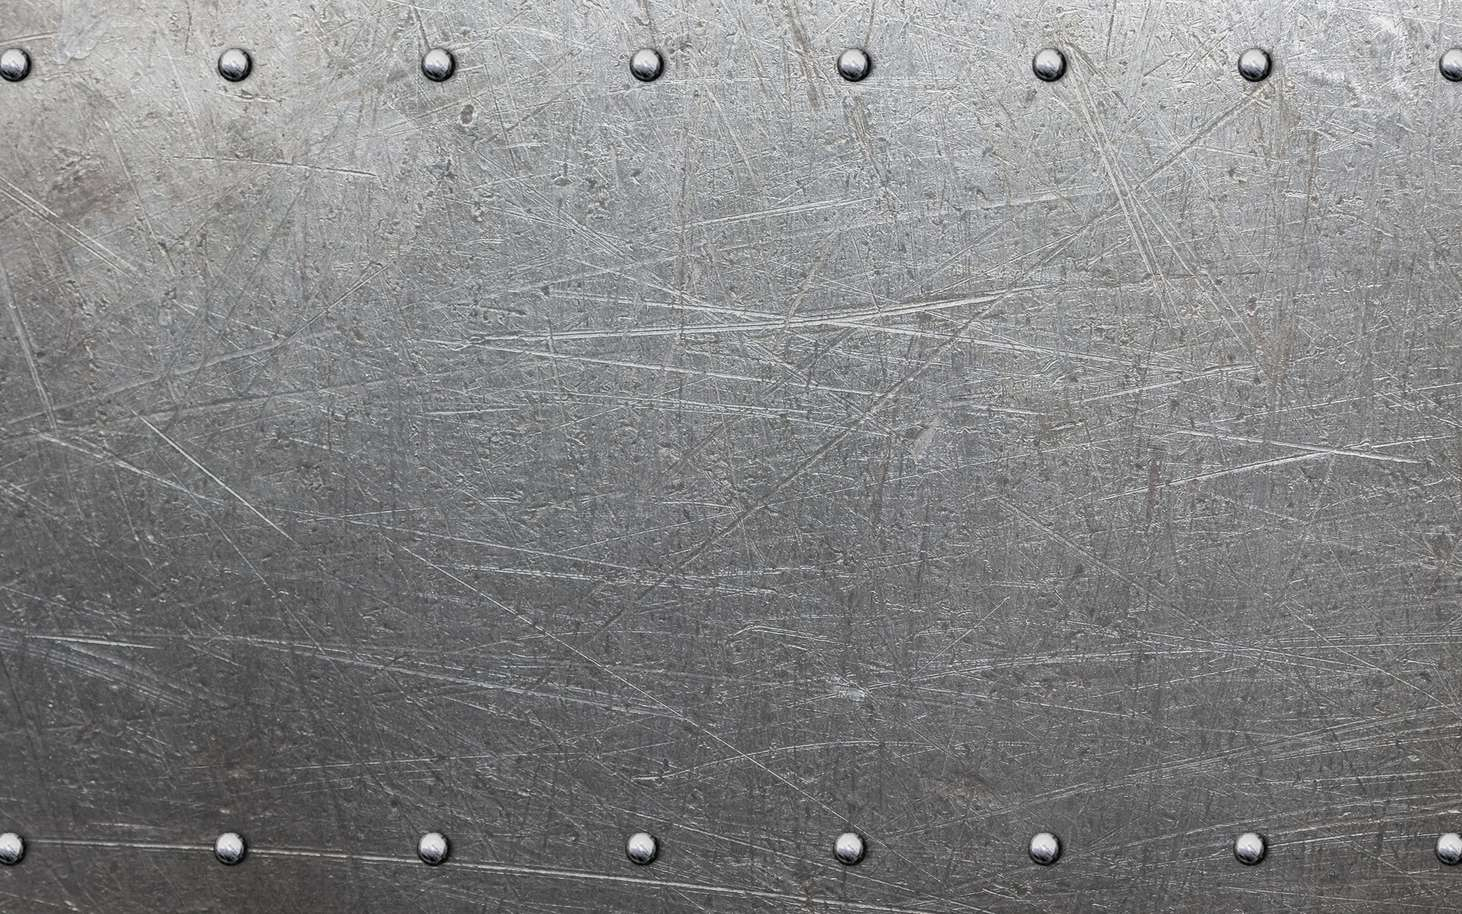 Le métal réfléchit les longueurs d'onde de la lumière visible, ce qui lui confère un aspect d'éclat métallisé. © Avantgarde, fotolia